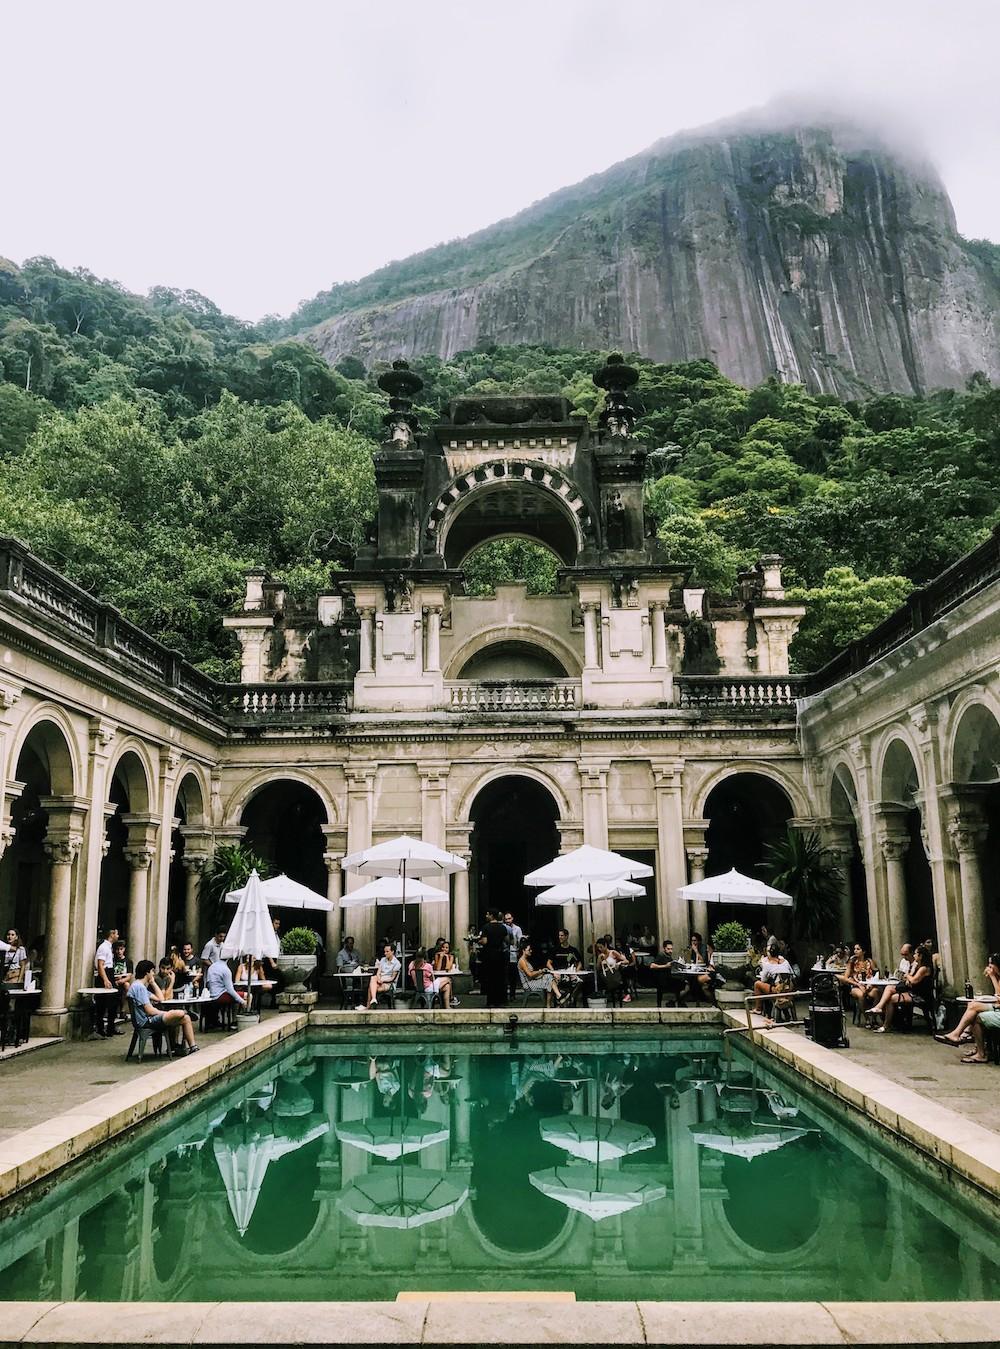 Plague Cafe in Rio de Janeiro, Brazil